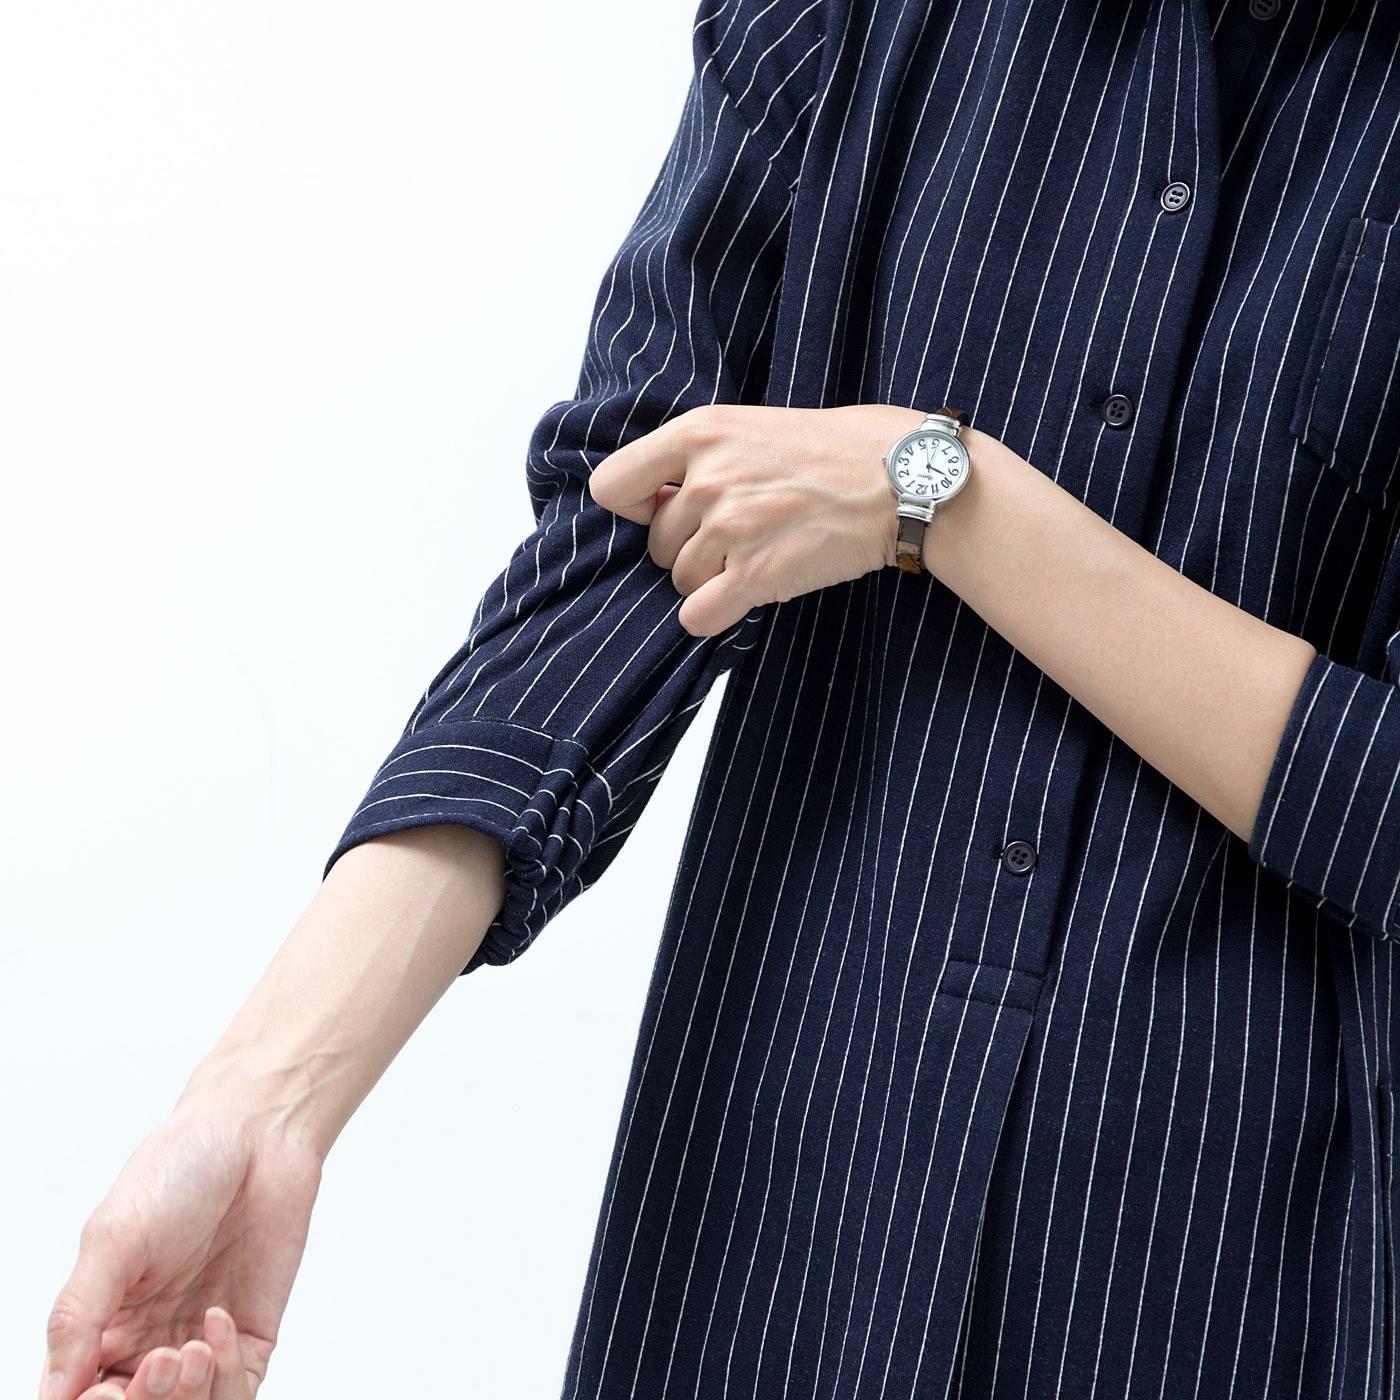 袖口はゴム仕様で隙間風が入りにくい仕組み。家事をするときの袖上げにも便利。